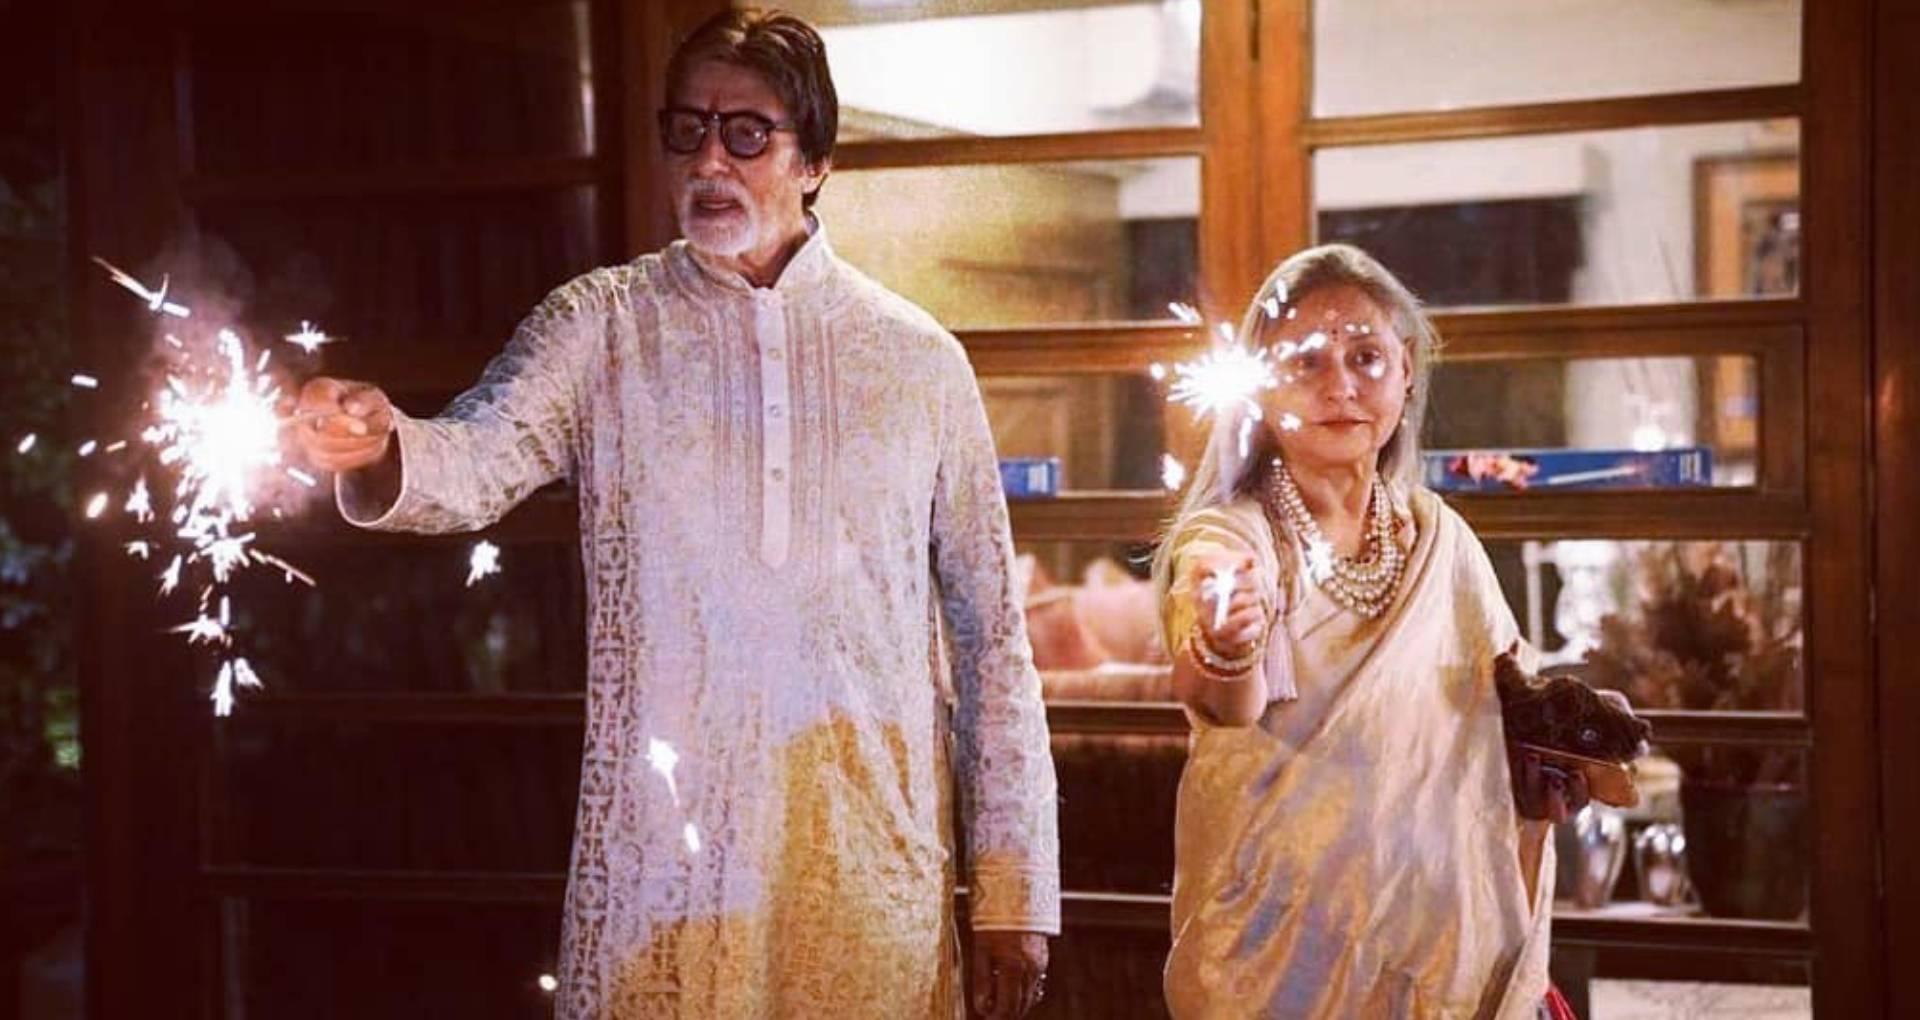 Diwali 2019: अमिताभ बच्चन ने दी दीवाली की ग्रैंड पार्टी, खेल जगत से लेकर बॉलीवुड की इन हस्तियों ने की शिरकत